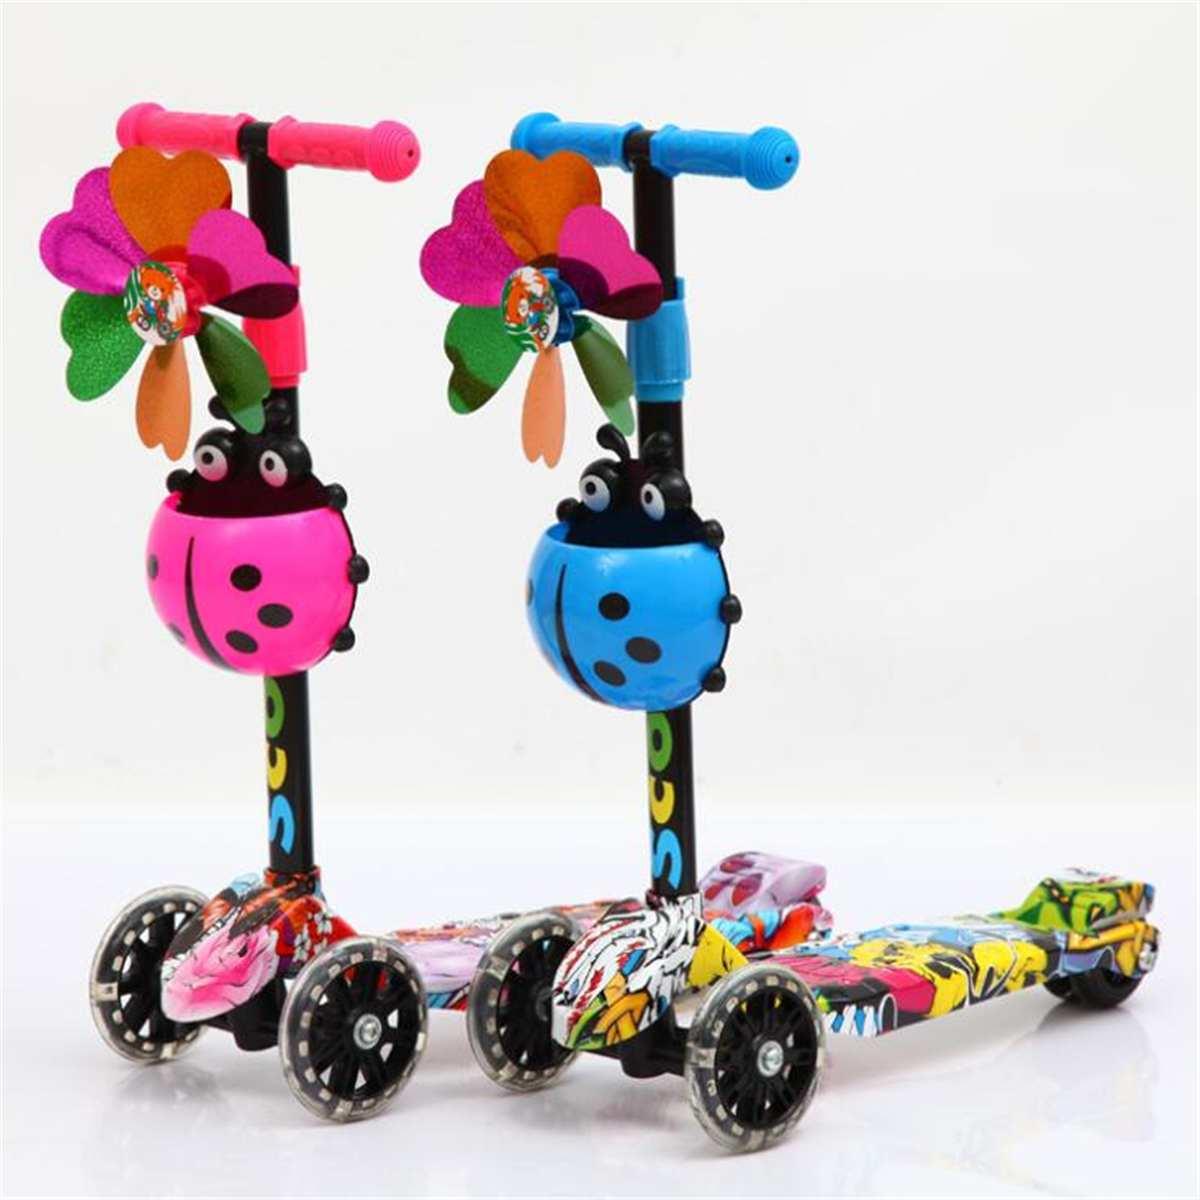 Enfants réglable unisexe Kick Scooter lumière LED Up 4 roues pied Scooters enfants ville rouleau Skateboard cadeaux pour les enfants